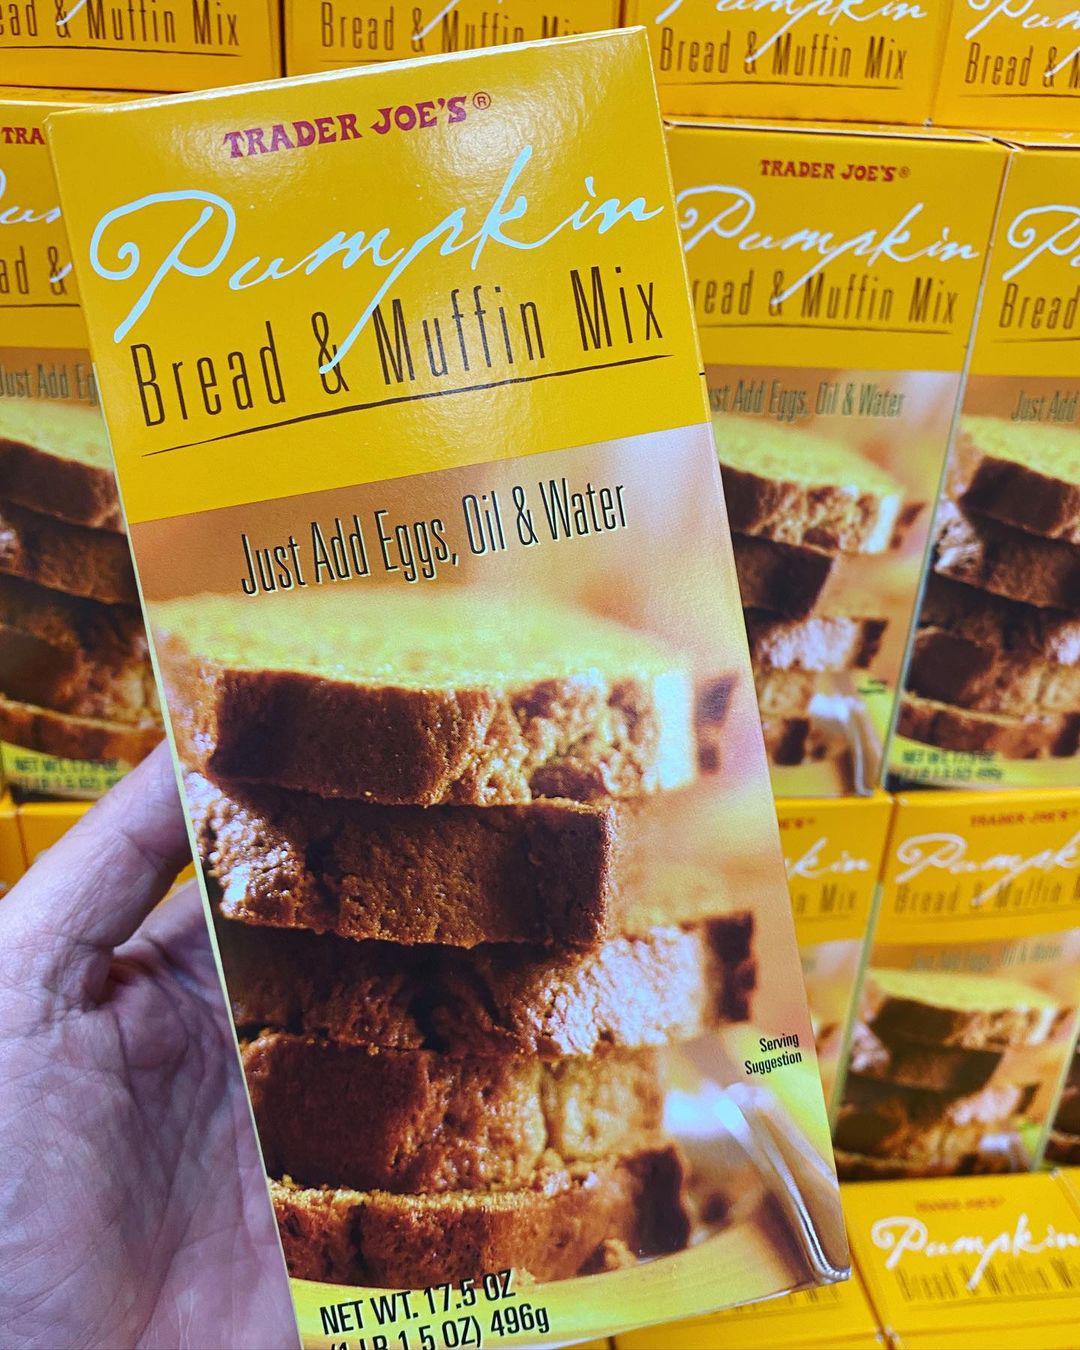 Bread & Muffin Mix